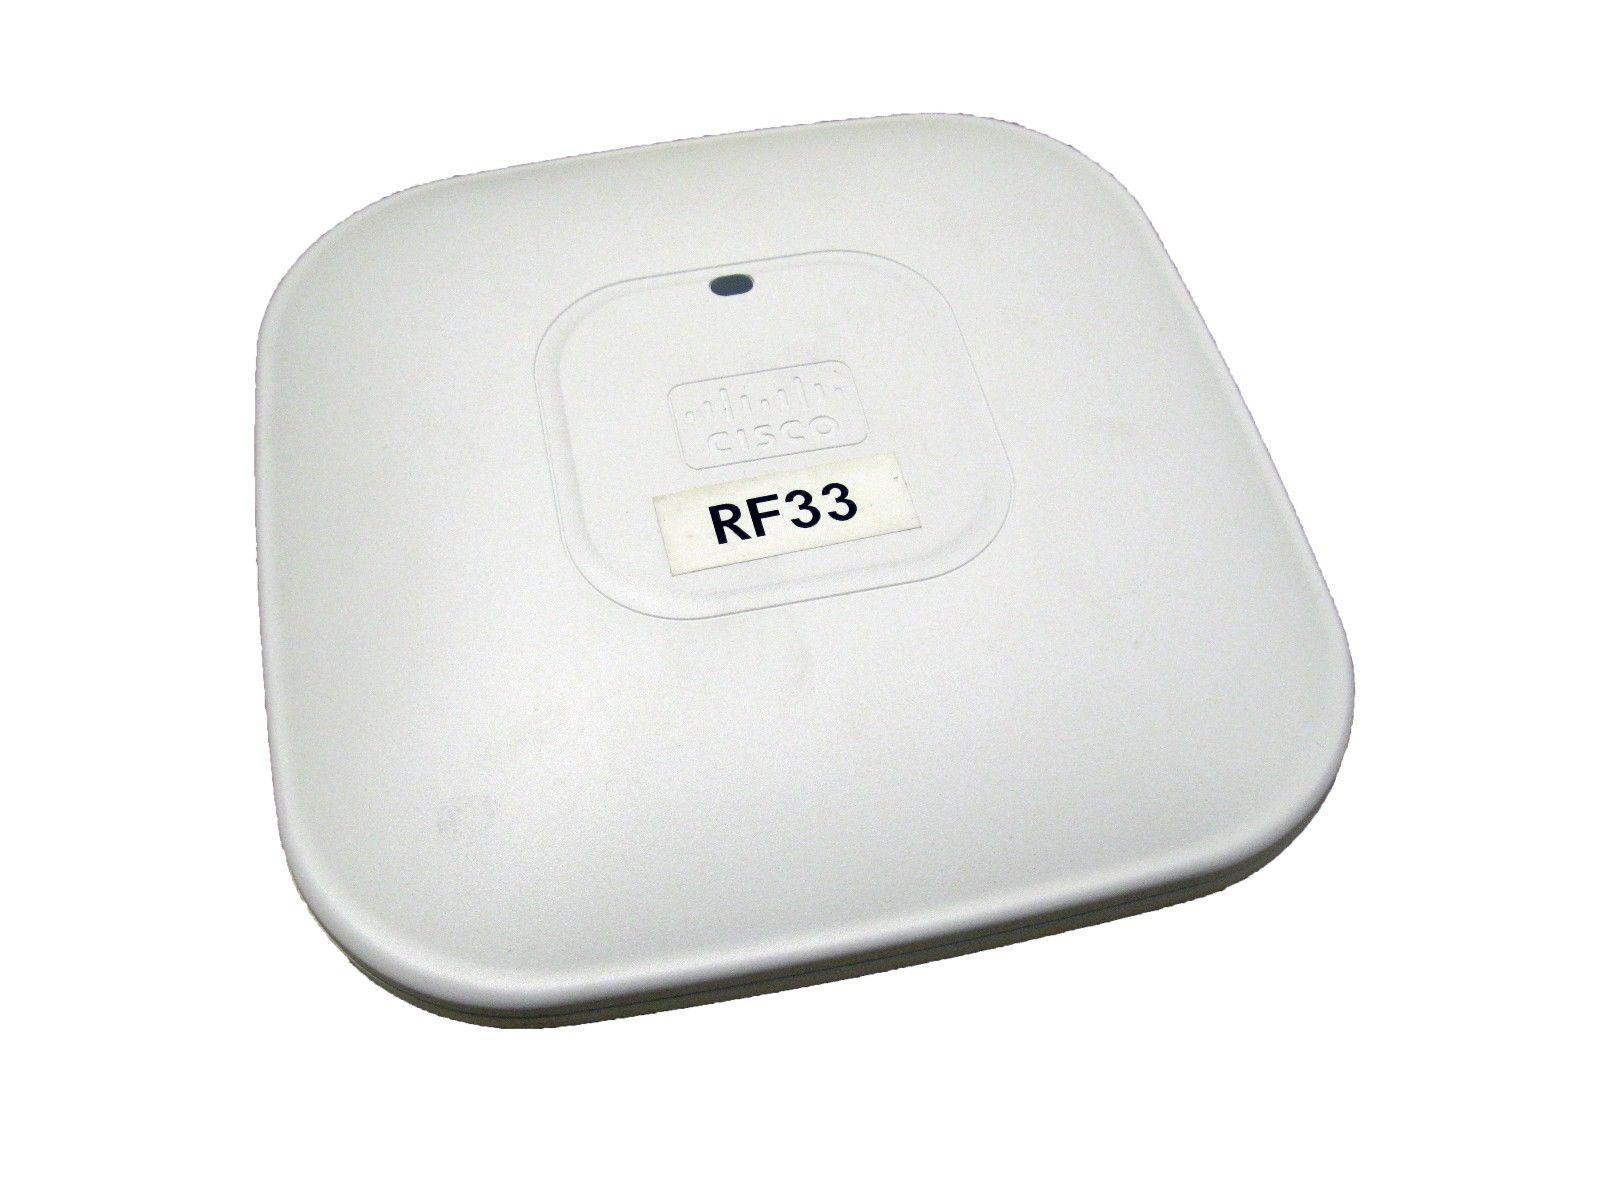 Cisco AIR-CAP2602I-A-K9 Wireless Access Point Controller Aironet 2600 802.11n